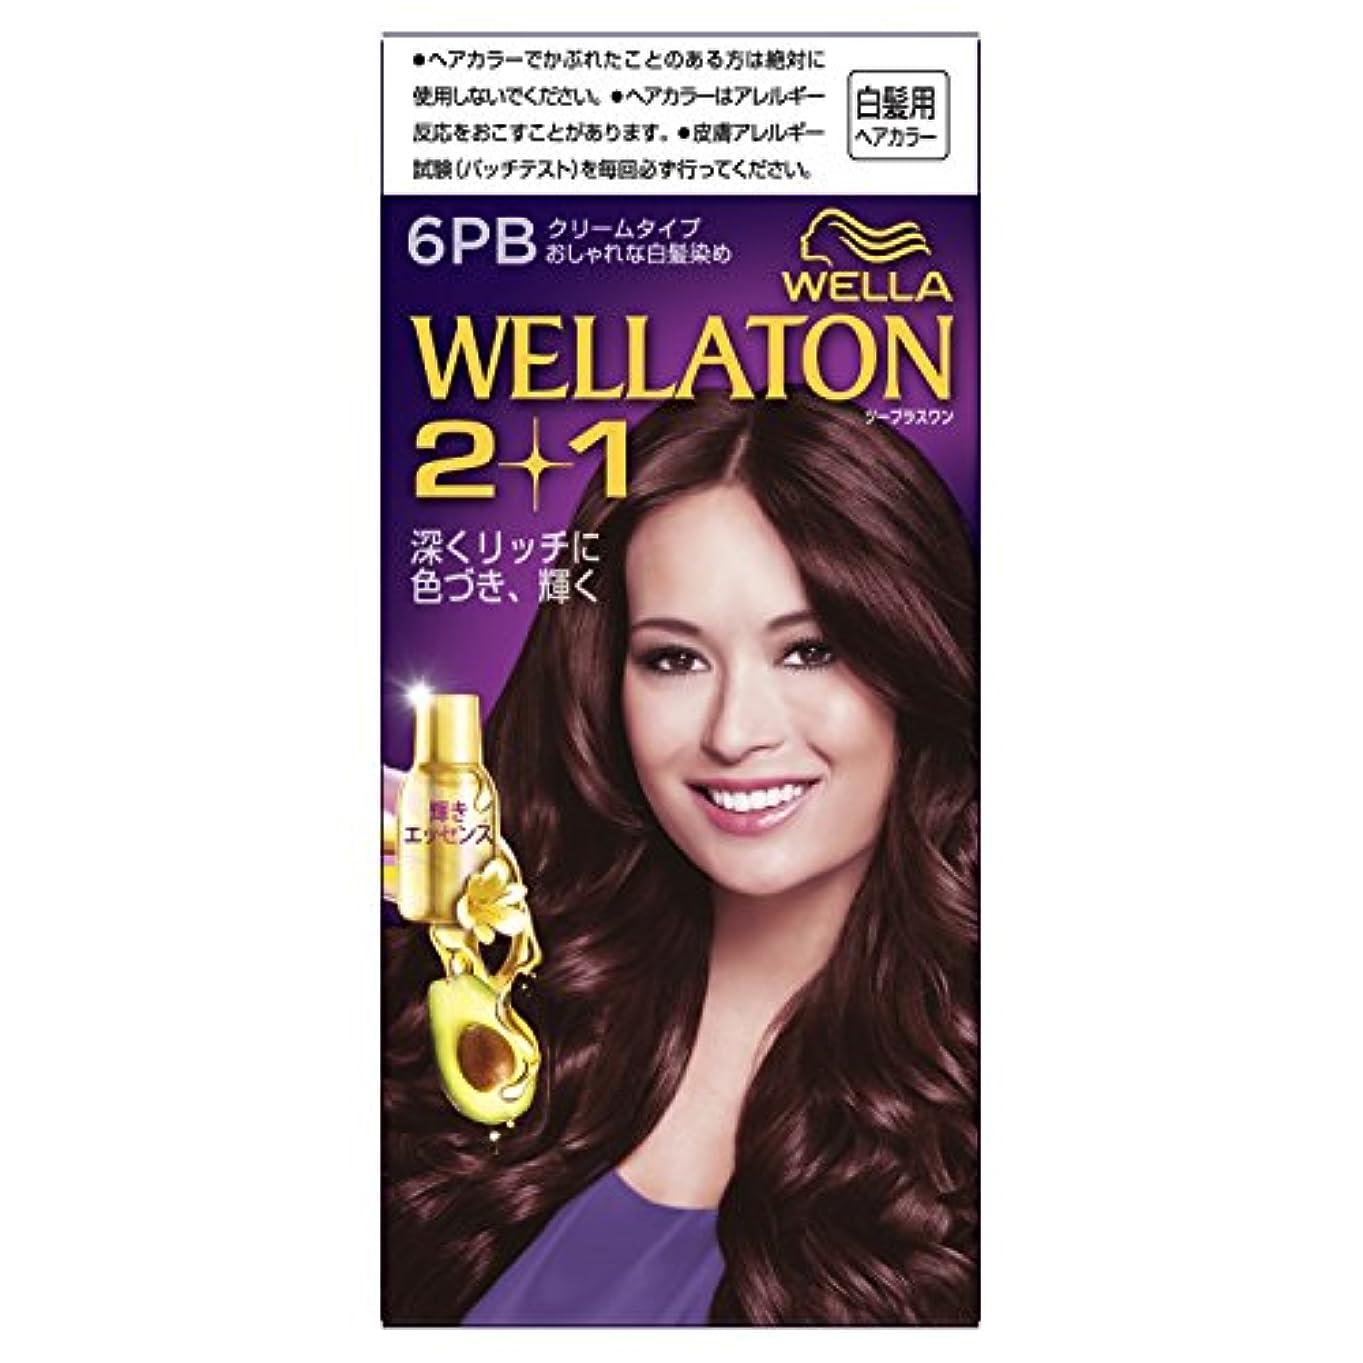 シルク背の高い床ウエラトーン2+1 クリームタイプ 6PB [医薬部外品](おしゃれな白髪染め)